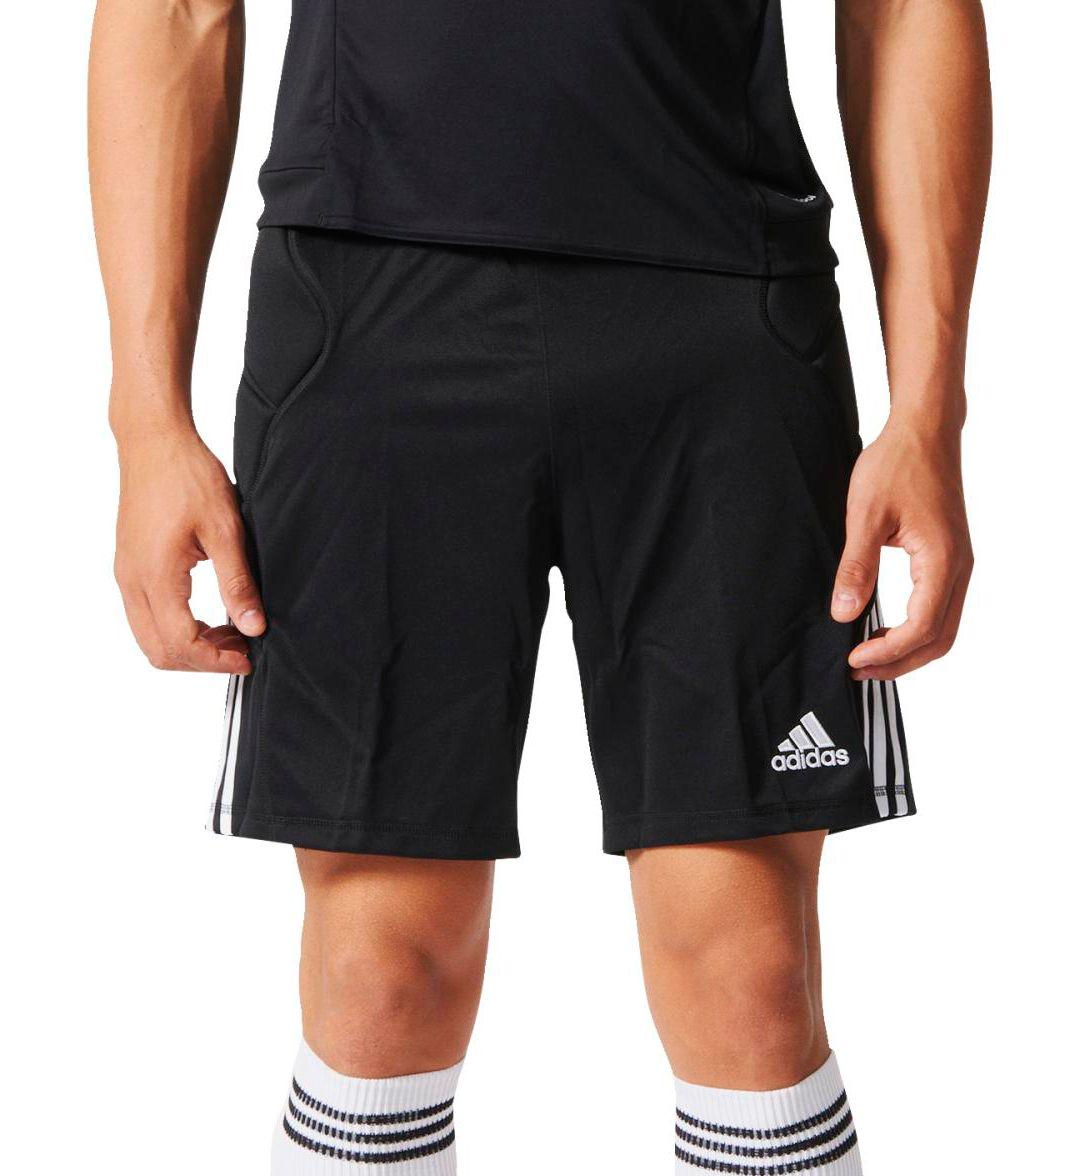 adidas Men's Tierro Goalkeeper Soccer Shorts